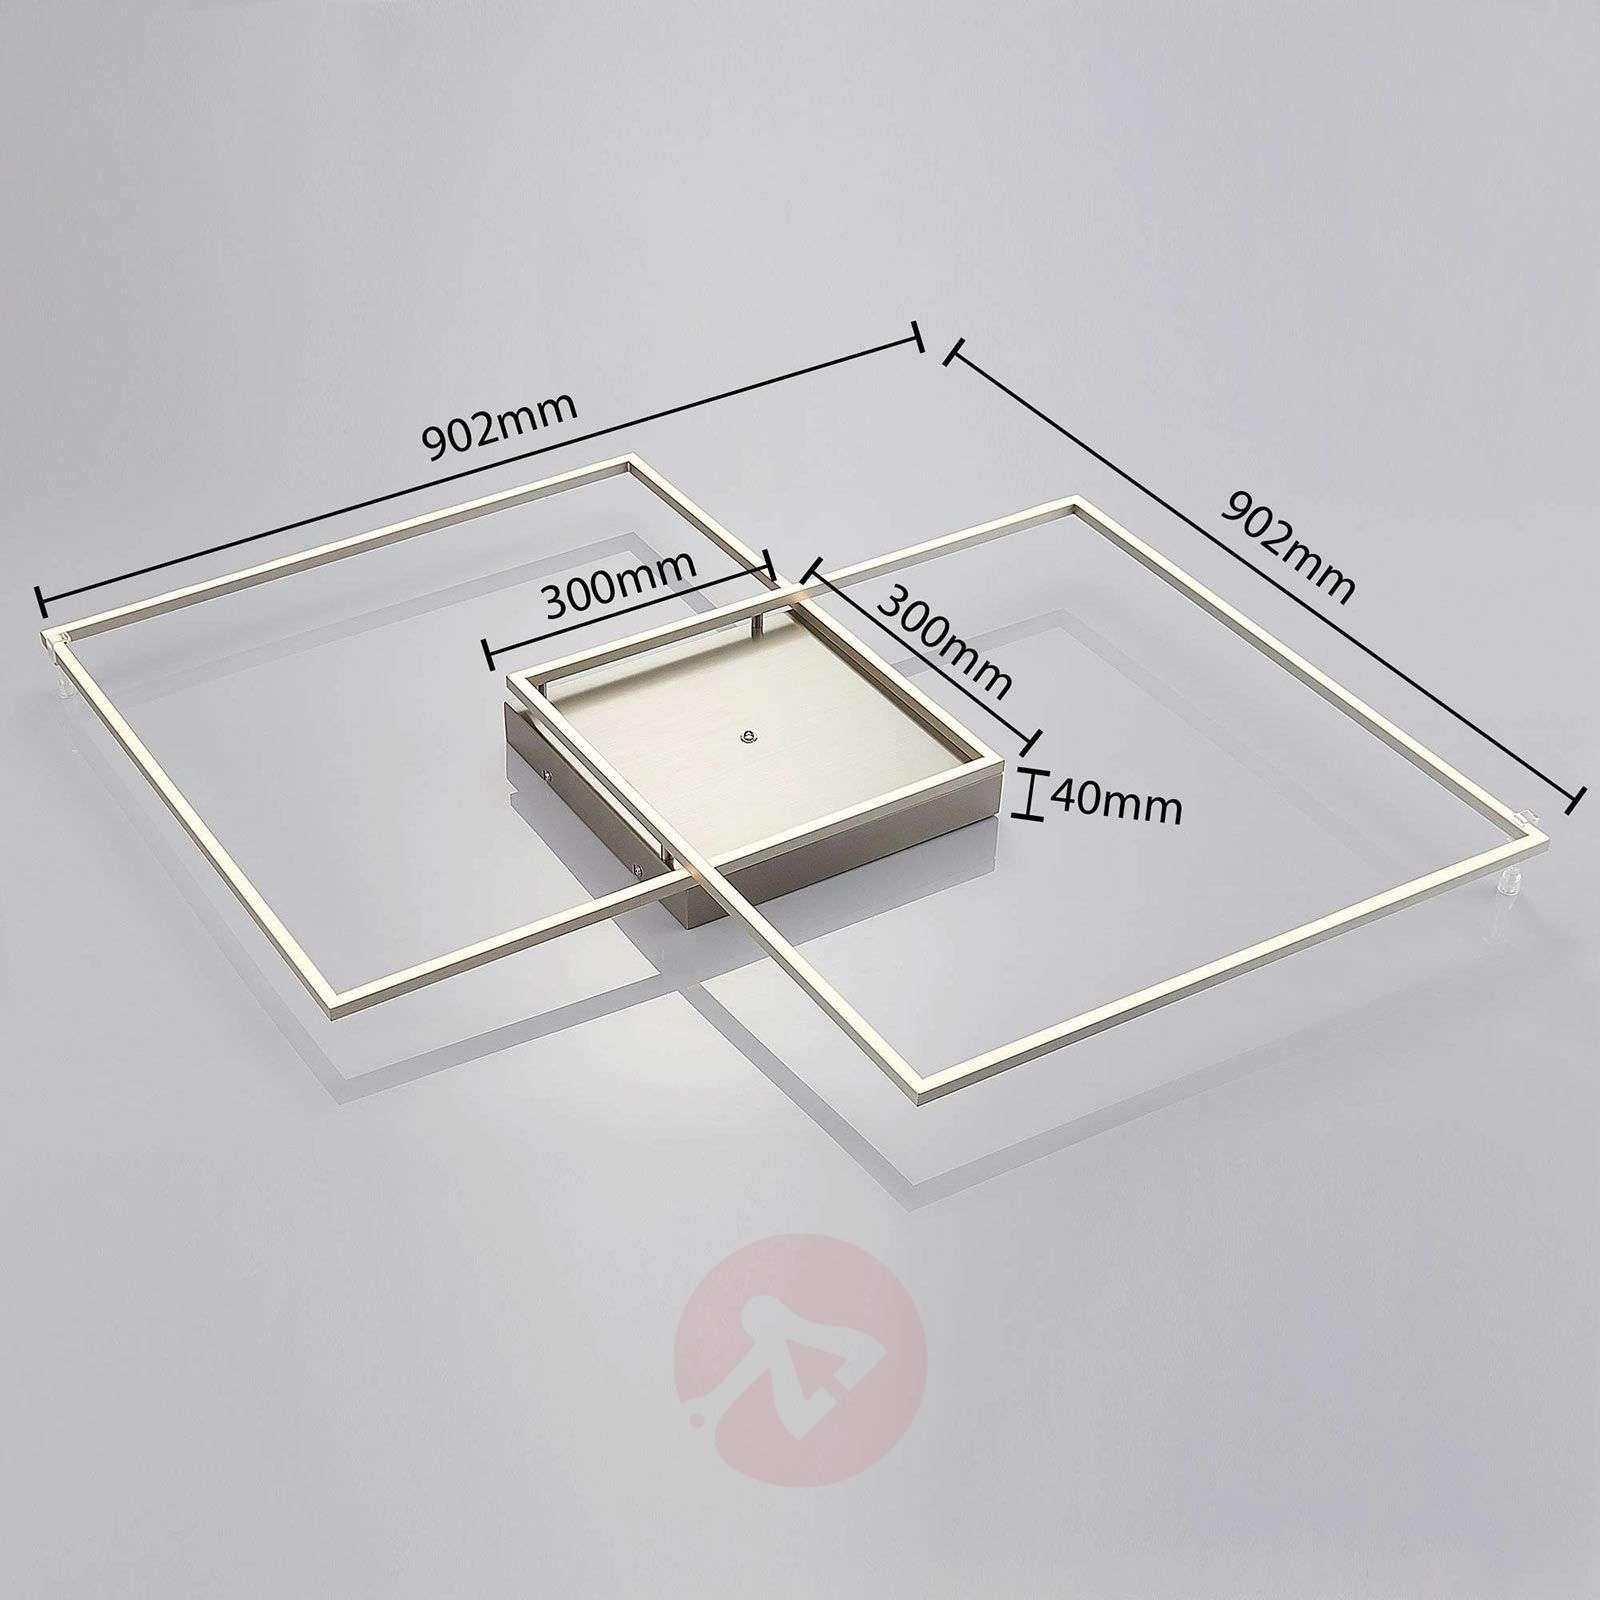 Tehokas LED-kattolamppu Mirac-7620026-011